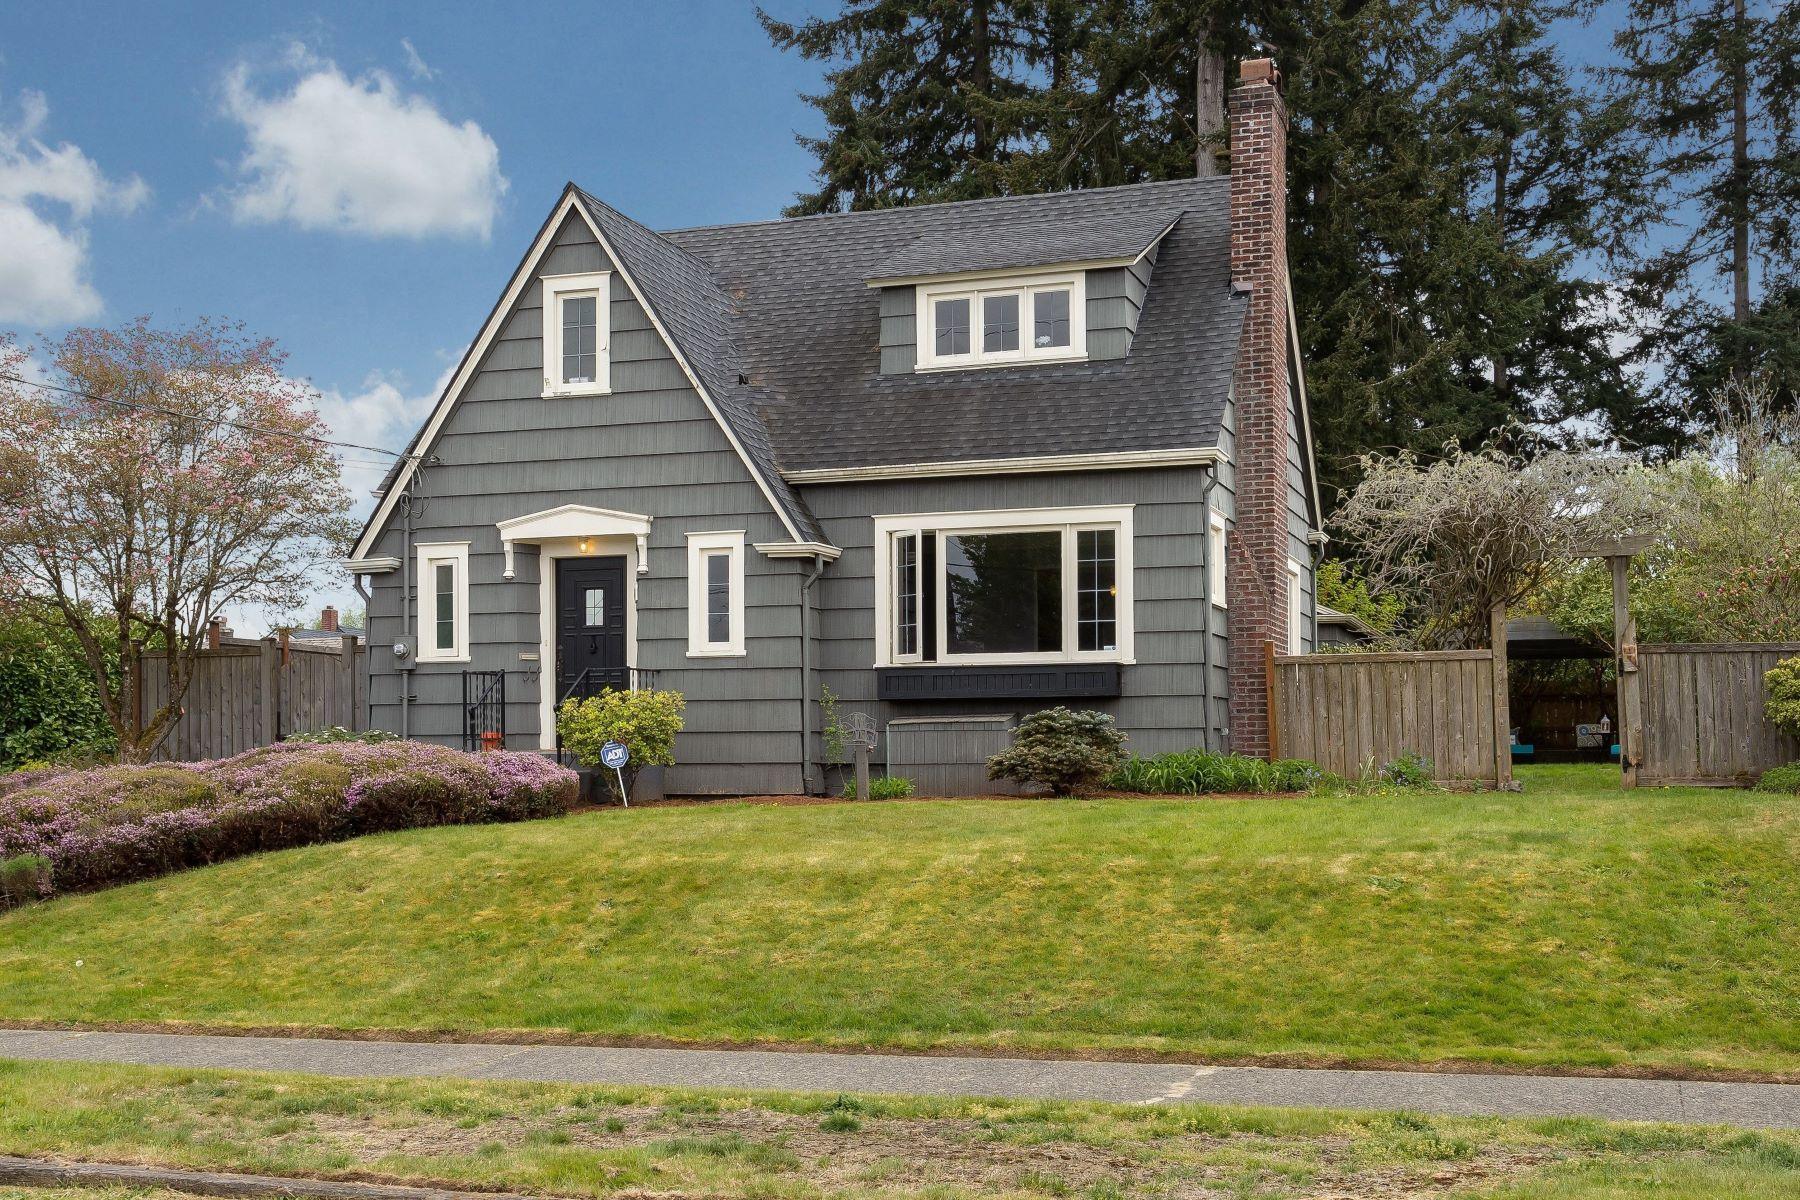 独户住宅 为 销售 在 Tacoma Northend Tudor 4614 N 33rd St 塔克马港市, 华盛顿州 98407 美国